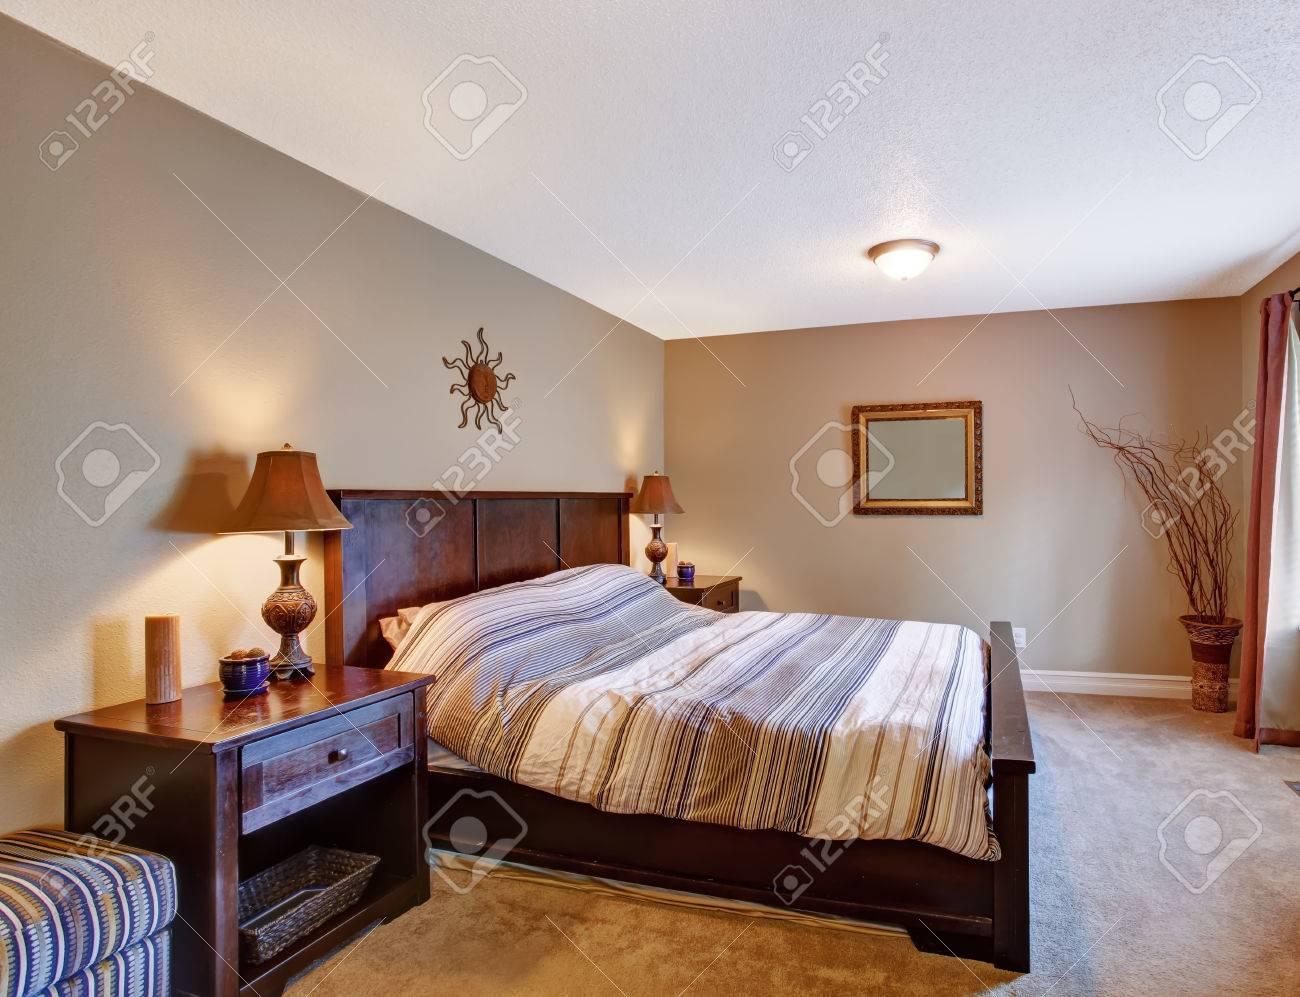 Camera da letto con letto a strisce, comò, spogliato pouf e comodino